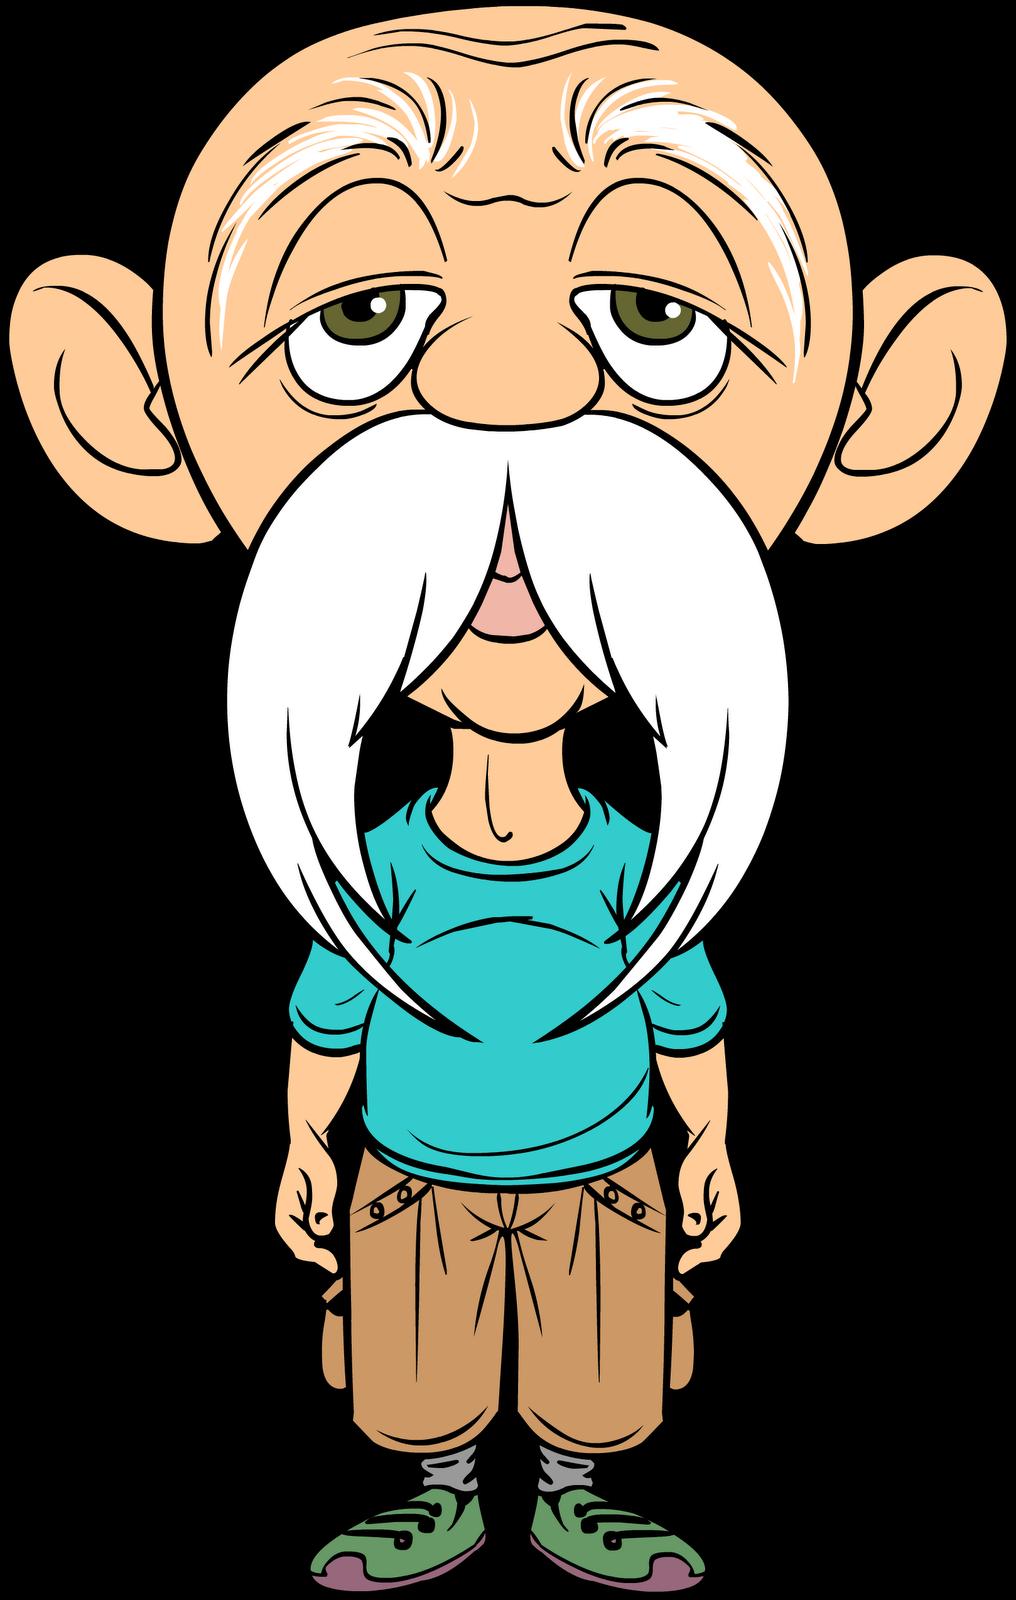 Singing fish clipart clipart download old man cartoon - Szukaj w Google | Mężczyźni | Pinterest | Cartoon ... clipart download